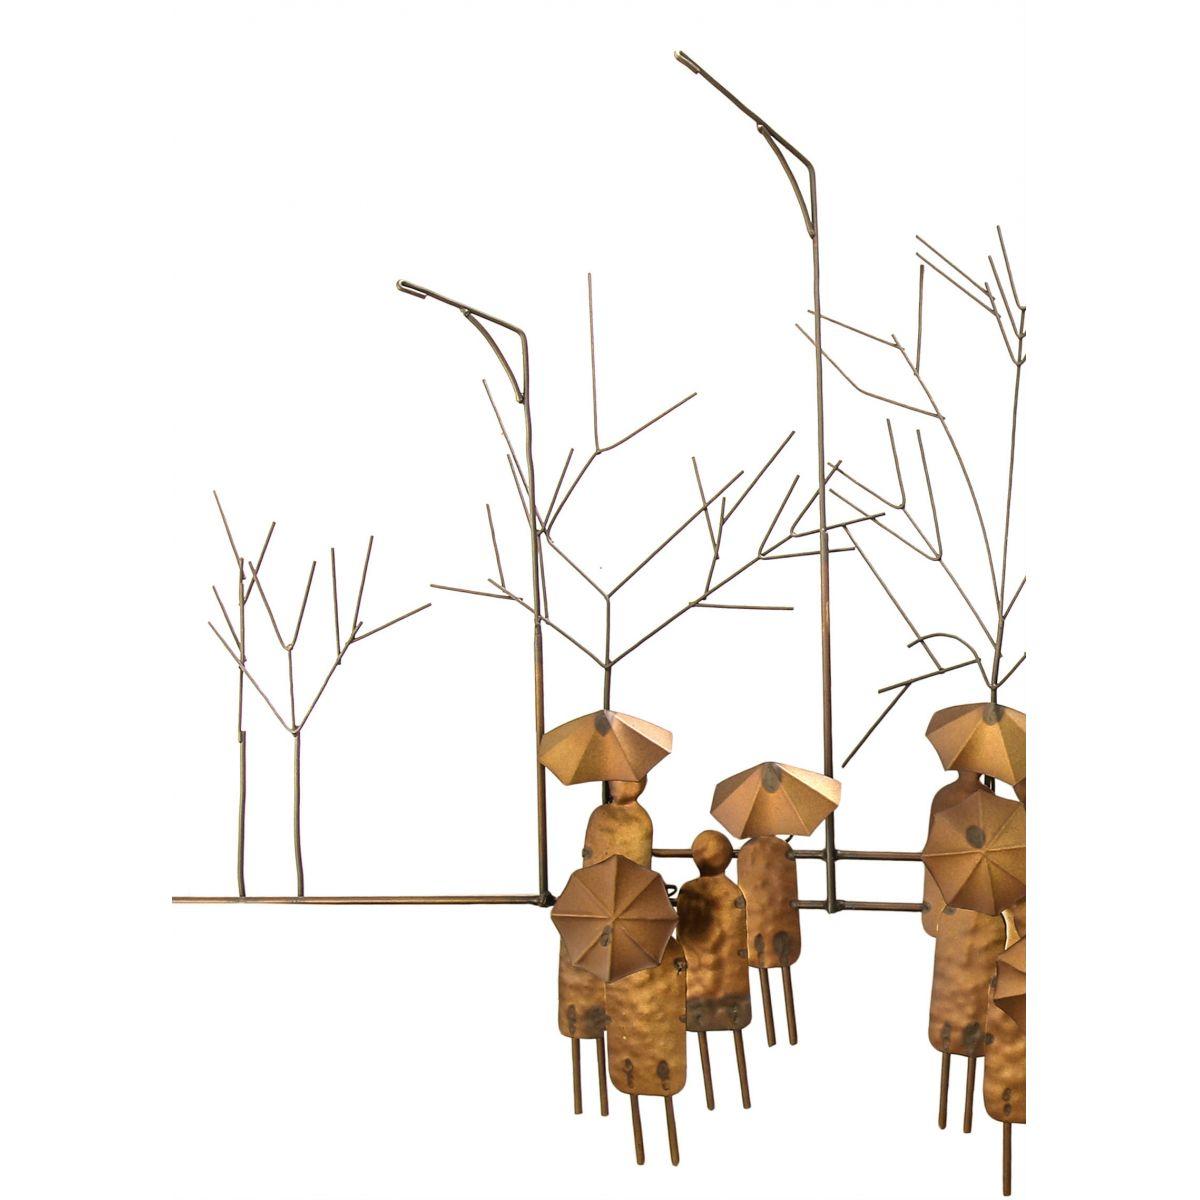 Painel Rustico de Ferro Decorativo para Sala de Jantar Envelhecido Paris